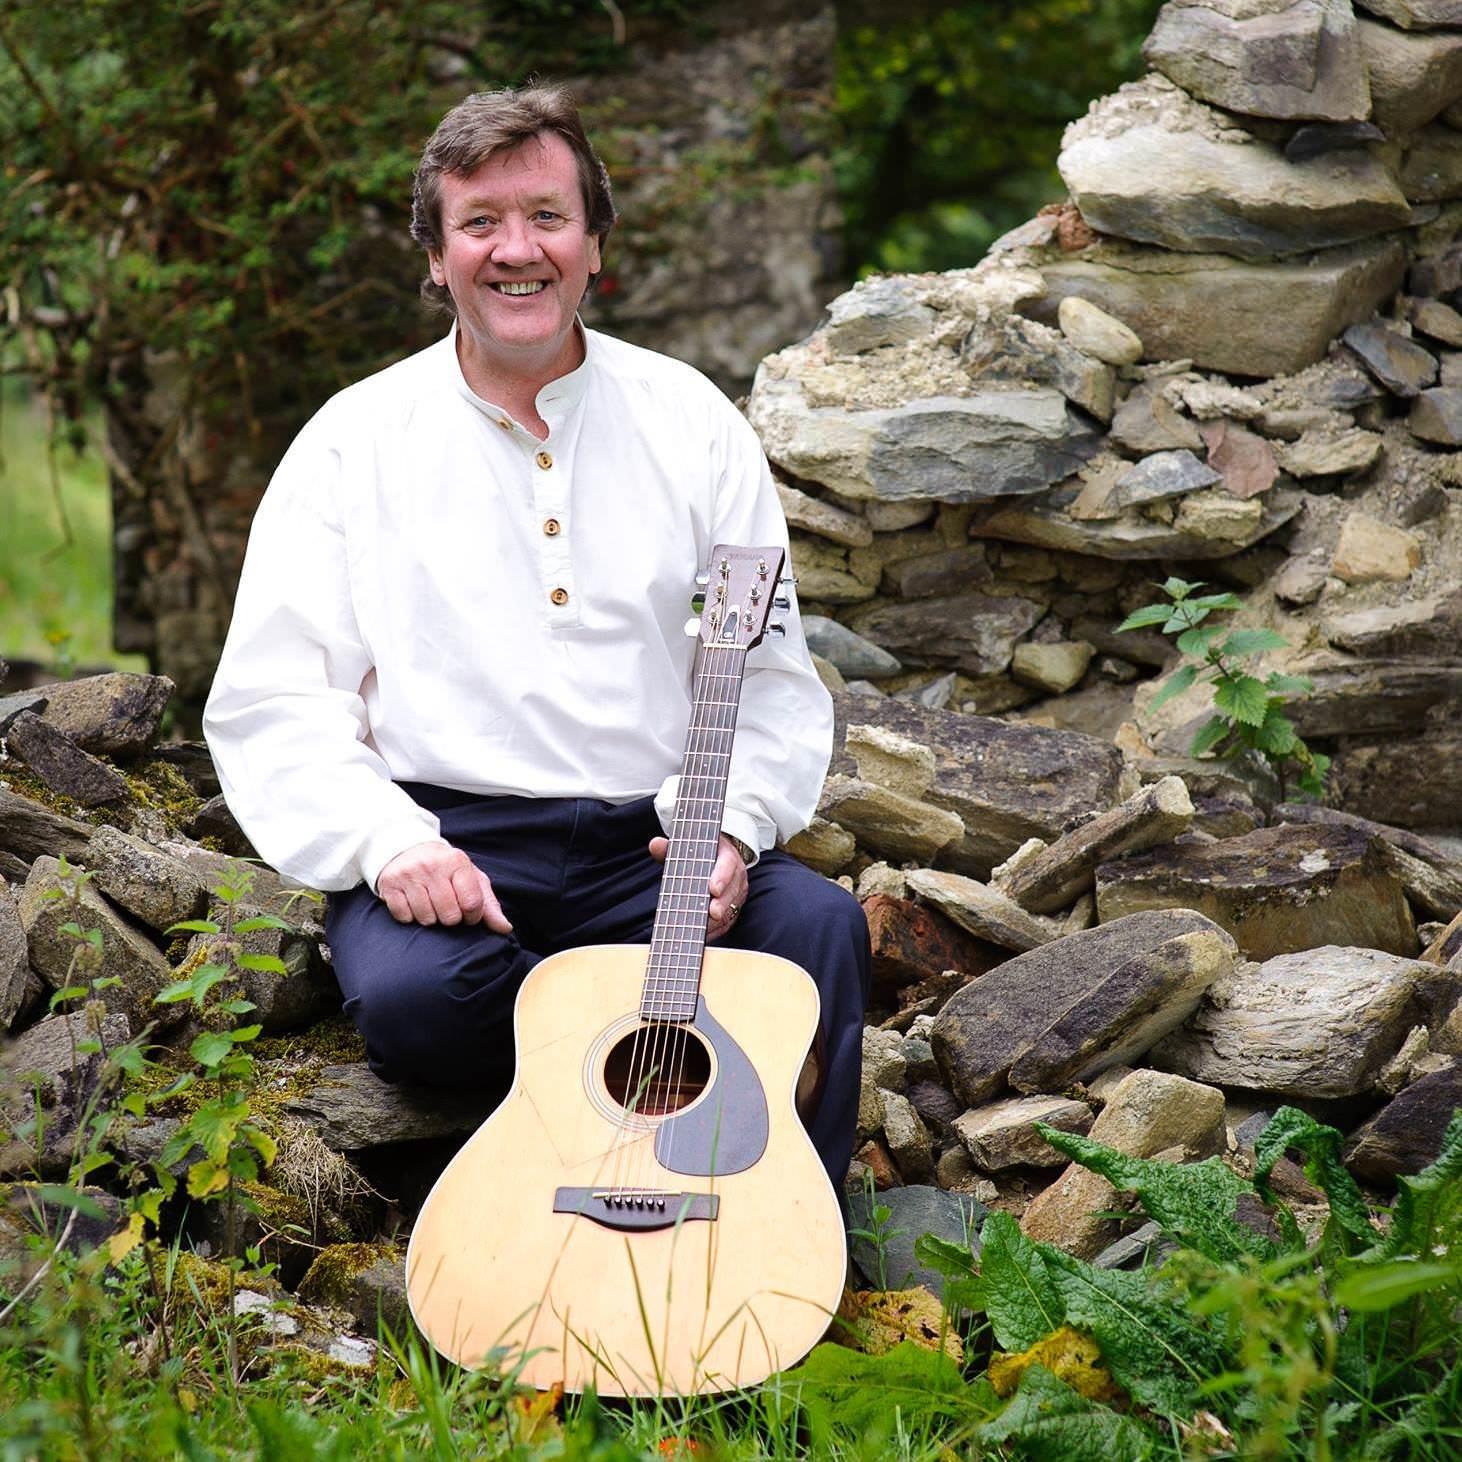 Tom Sweeney Music - Website By See See.jpg